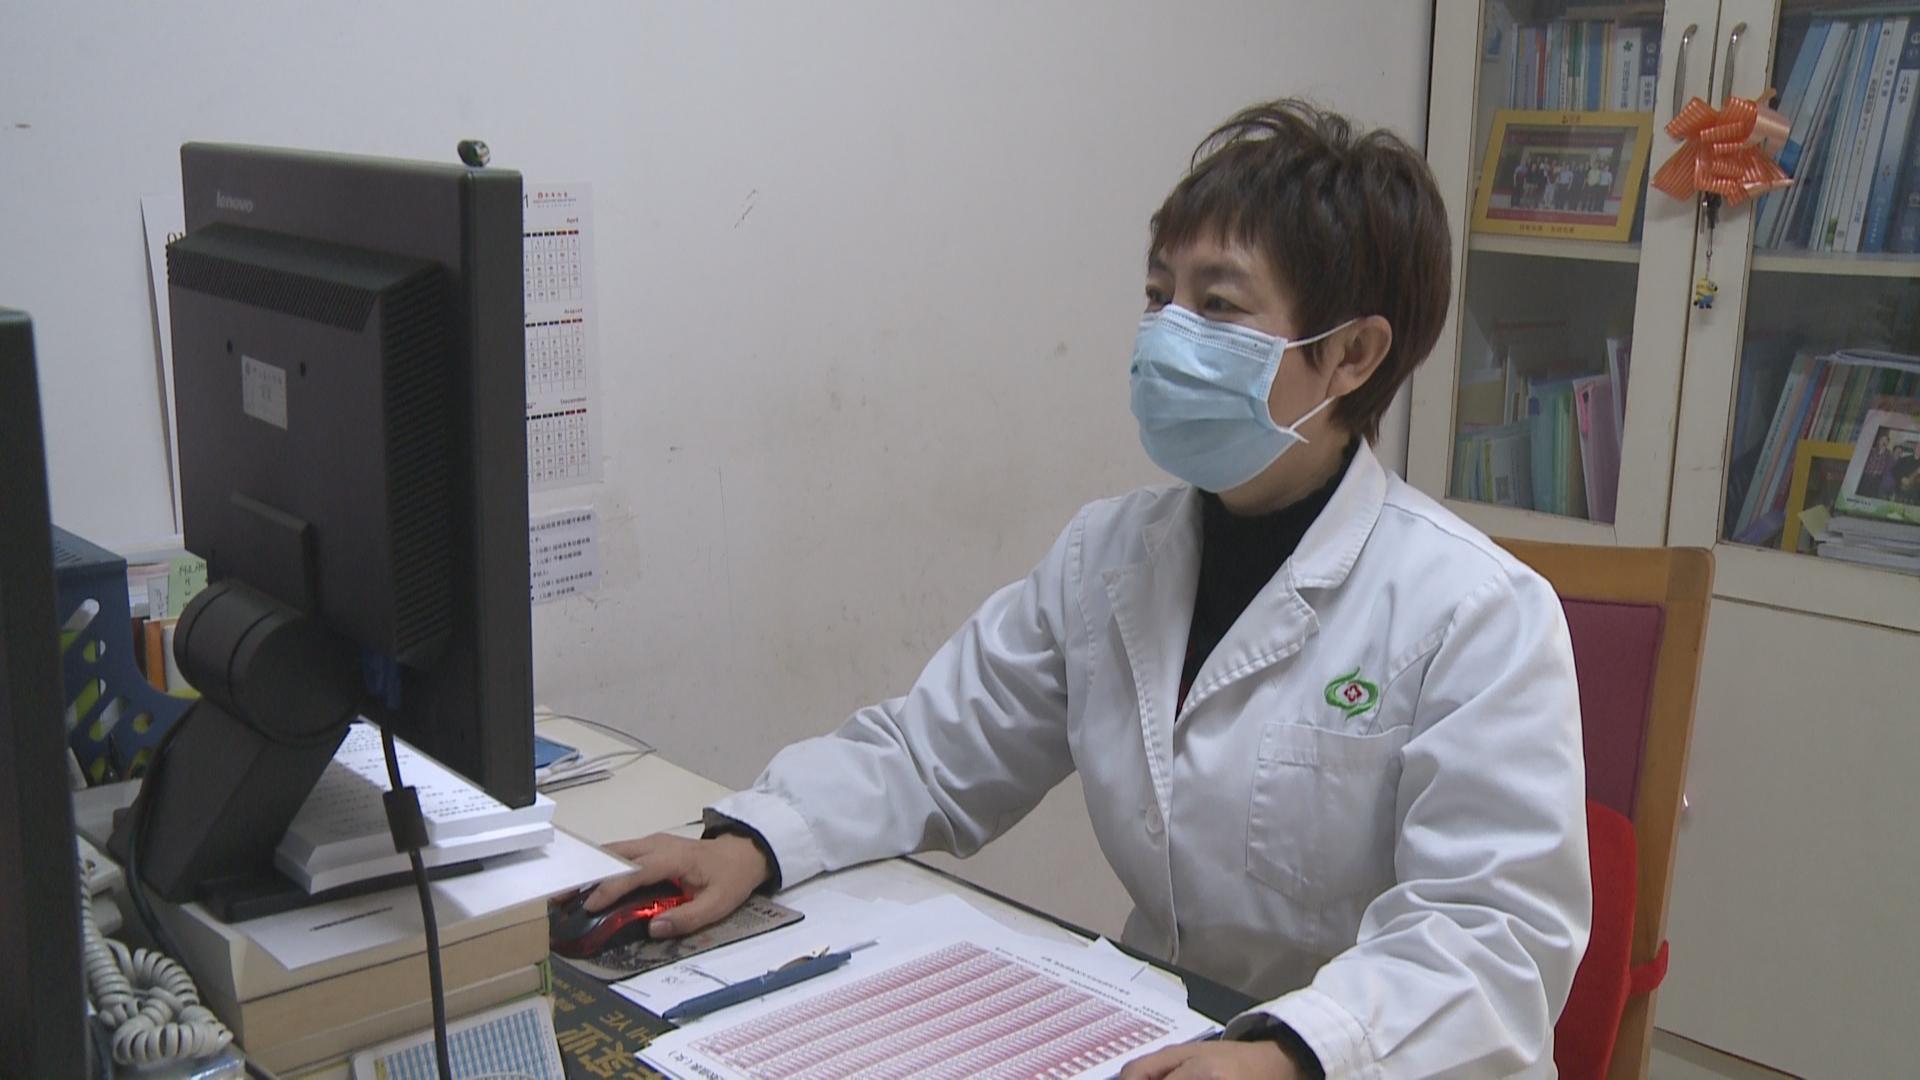 张翠梅:尽快建立和完善罕见病药品应用保障机制  | 喜迎省两会